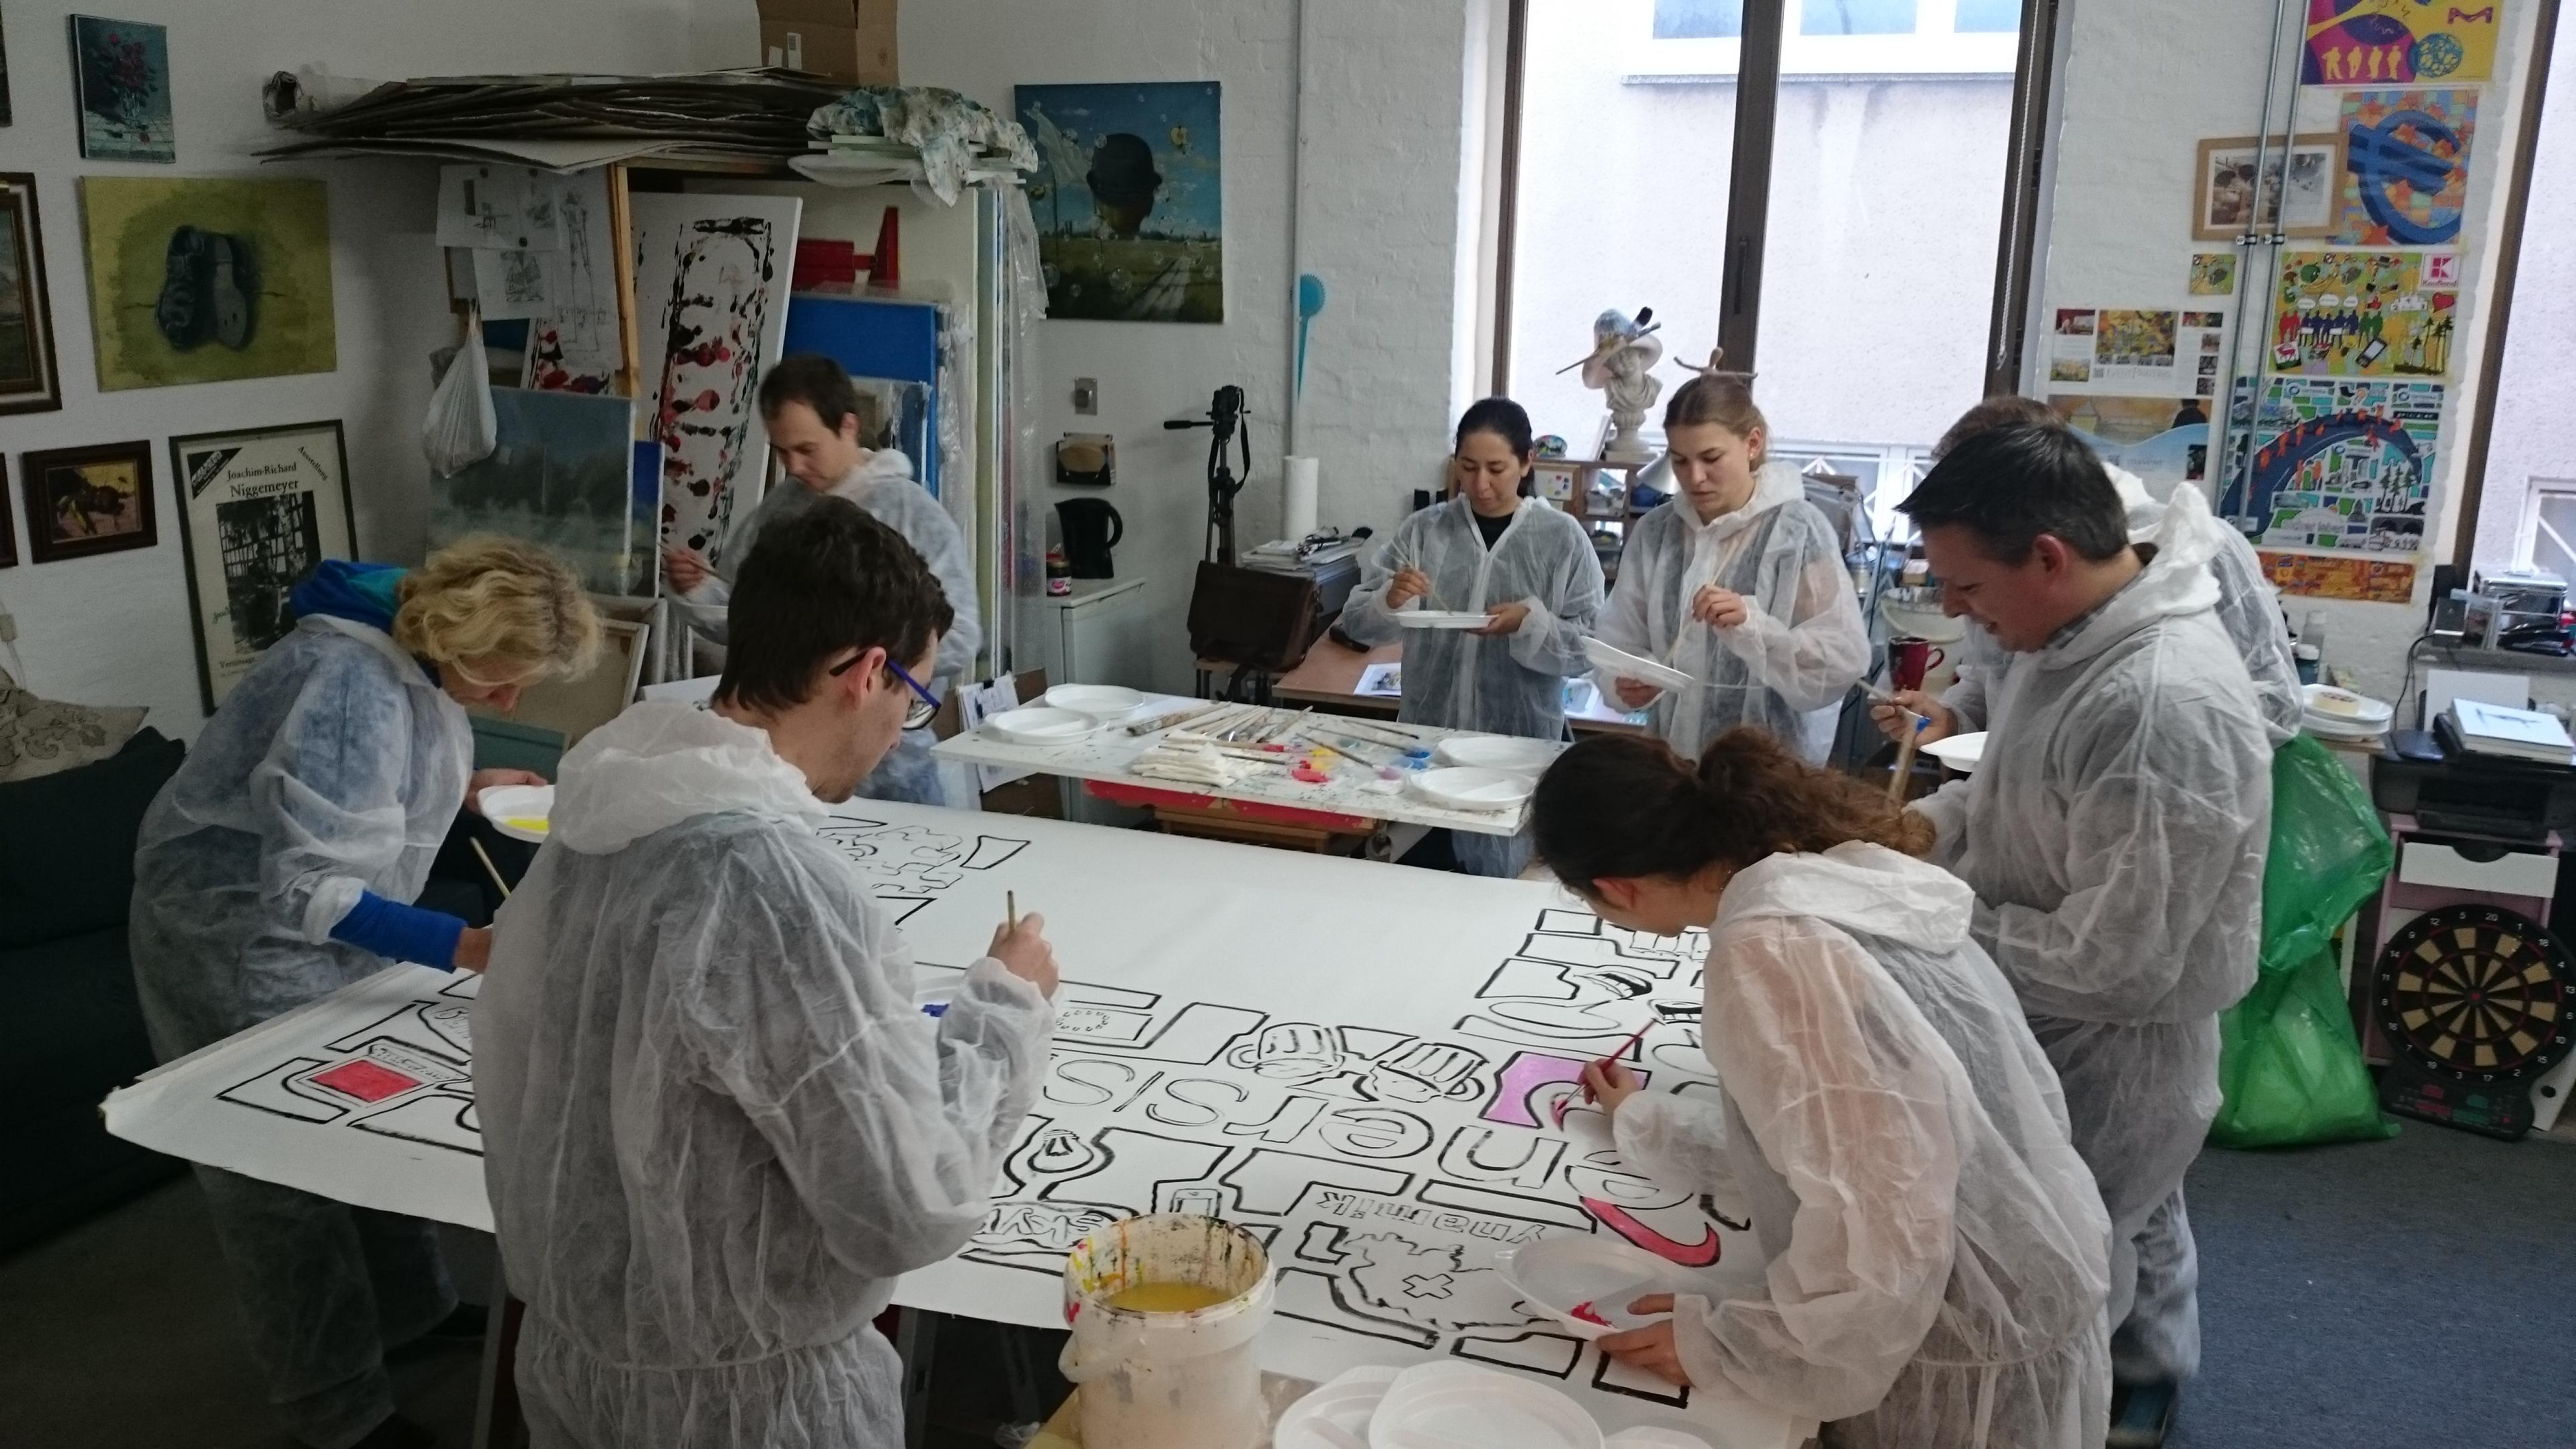 Atelier Jori Joachim Niggemeyer